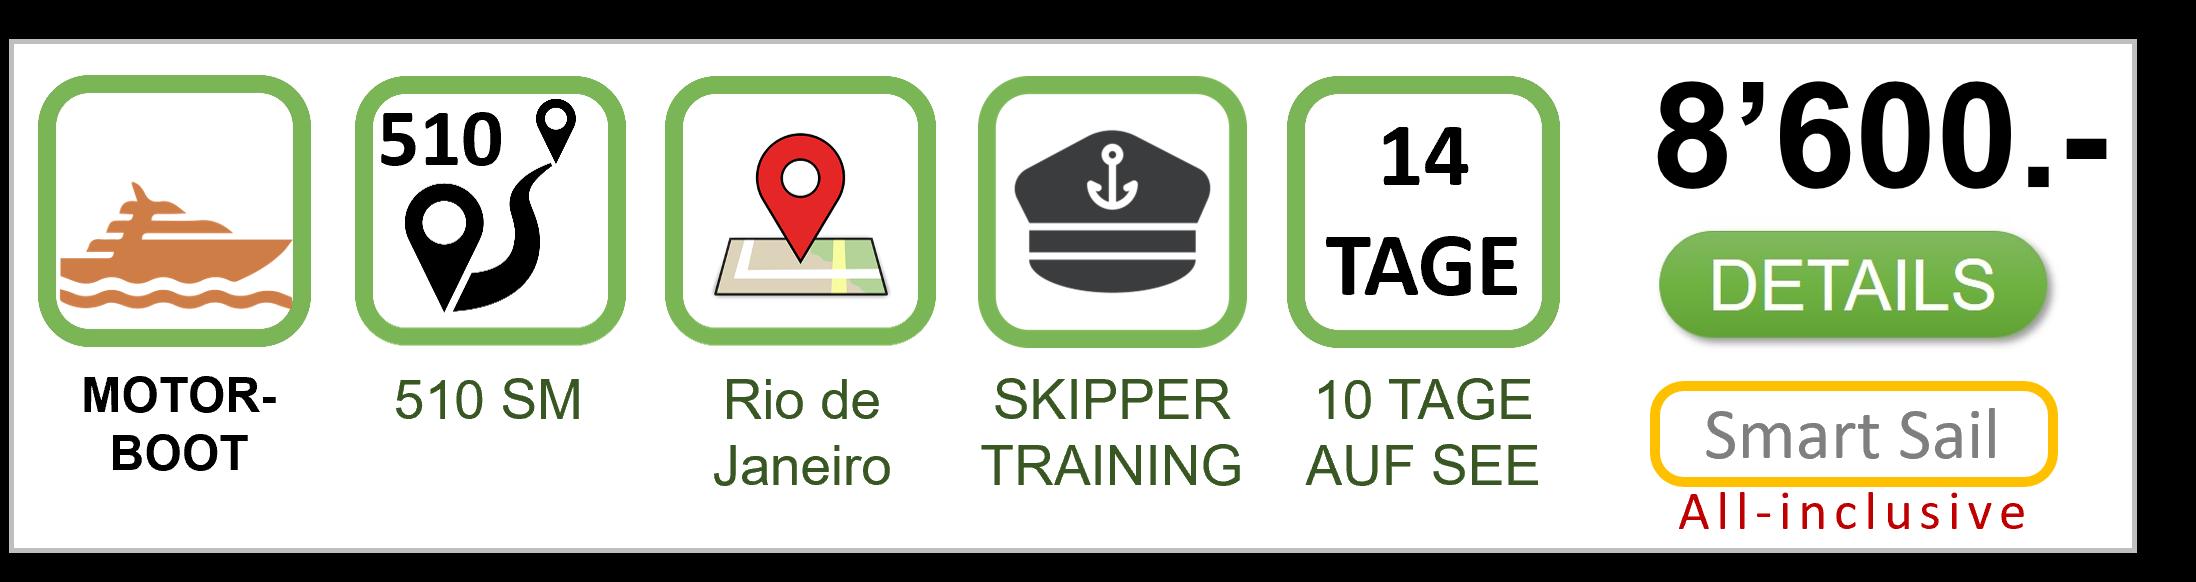 Kurszbeschreibung Motorboot Meilentörn Brasilien